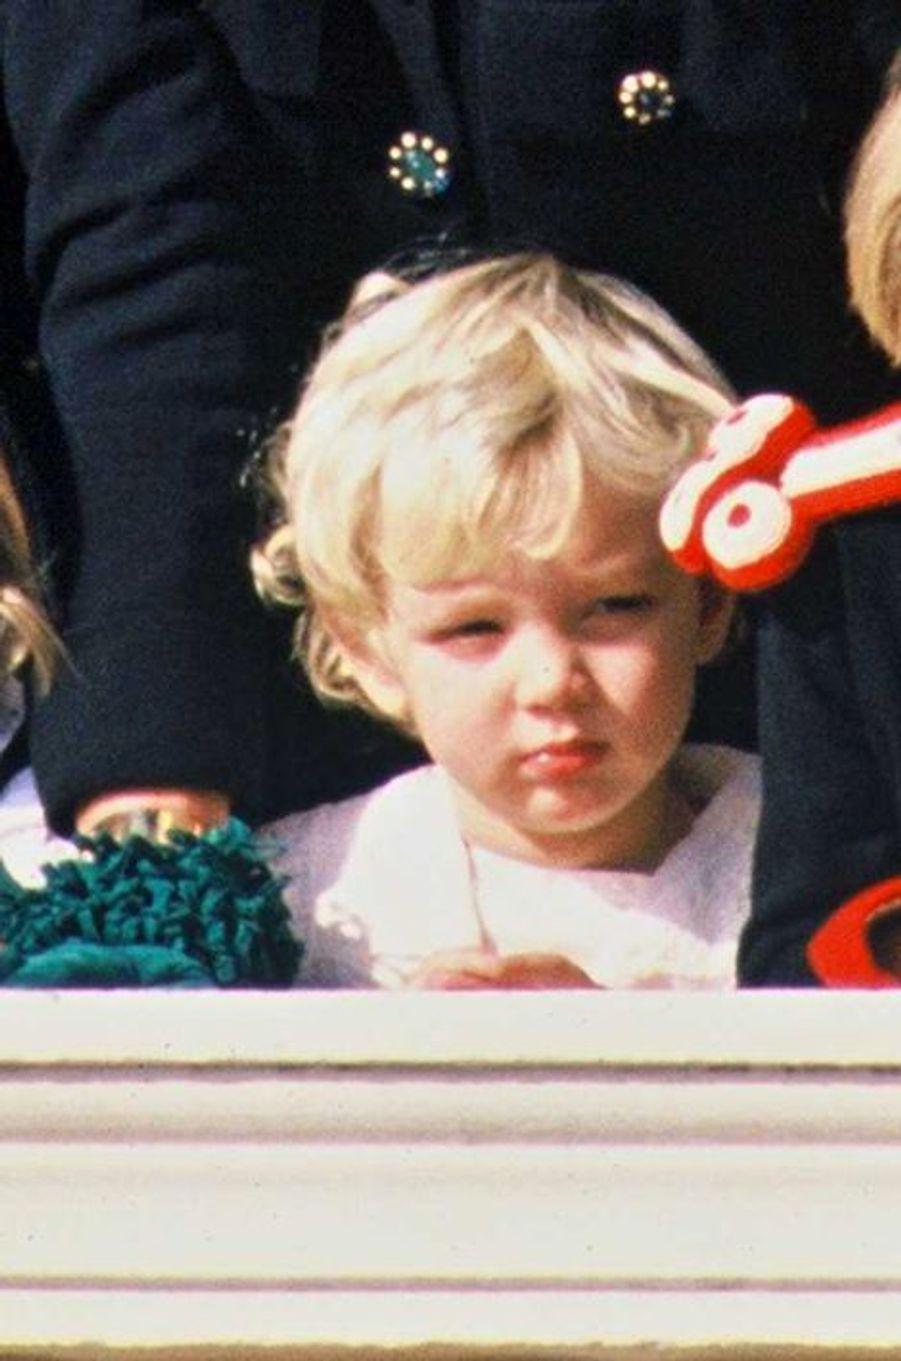 Fête nationale monégasque le 19 novembre 1989, Pierre est au balcon. Le petit garçon, tout blondinet, a deux ans.